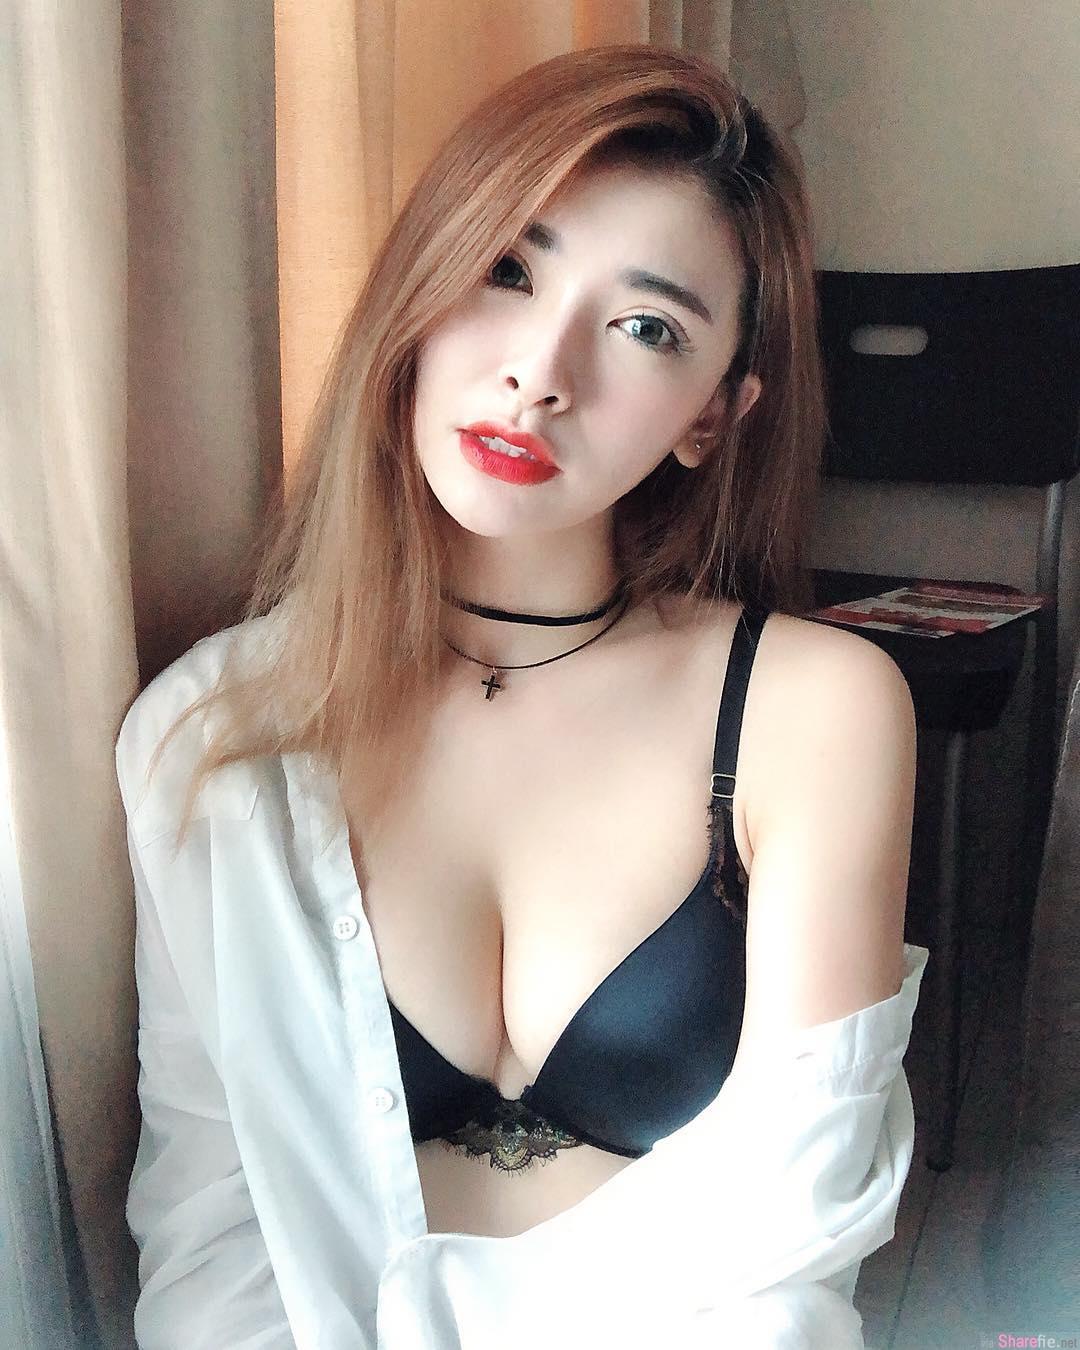 大马正妹AikYen,魔鬼身材比基尼辣翻网友